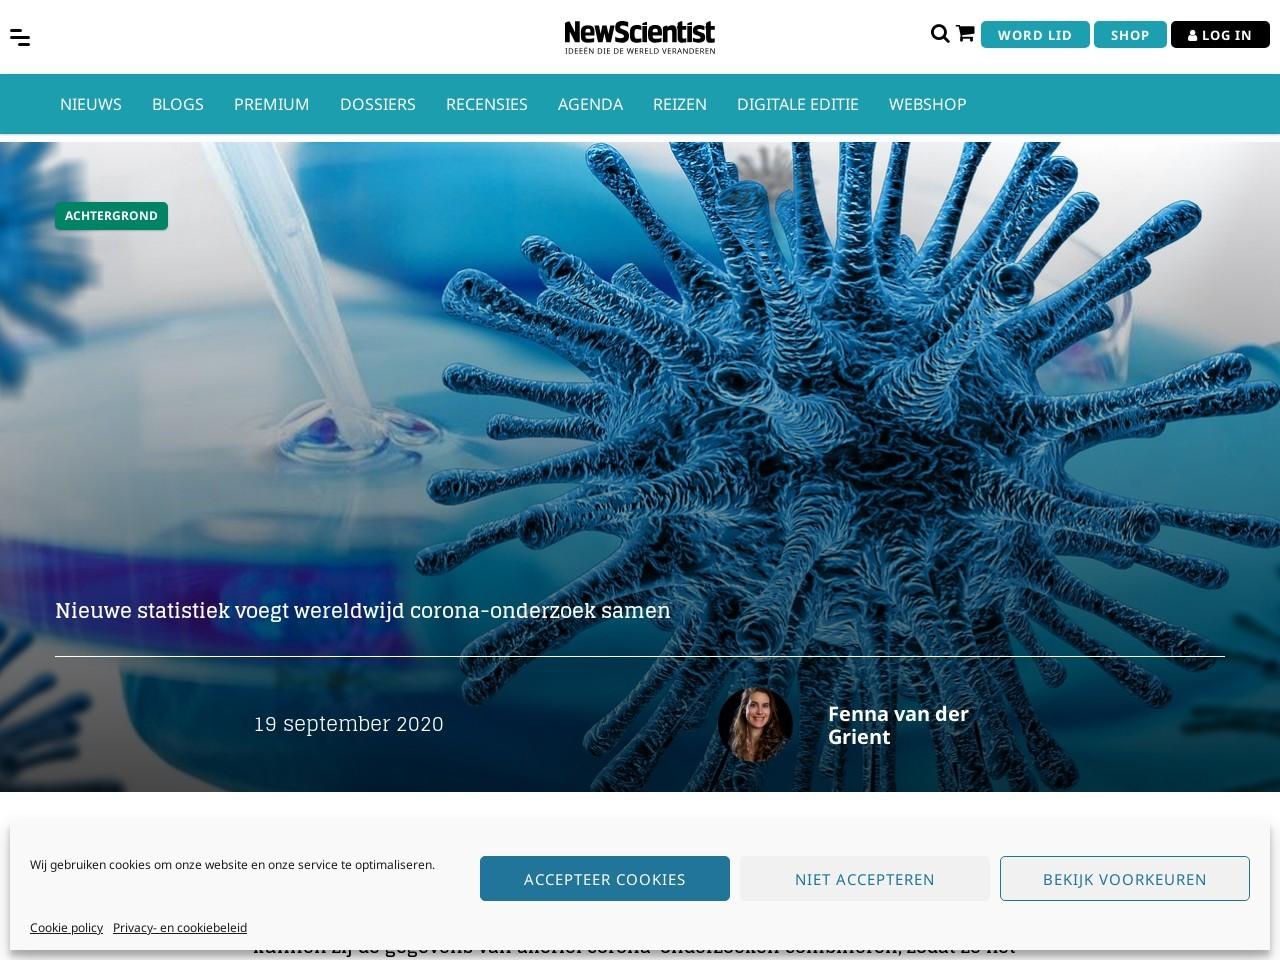 Nieuwe statistiek voegt wereldwijd corona-onderzoek samen - New Scientist